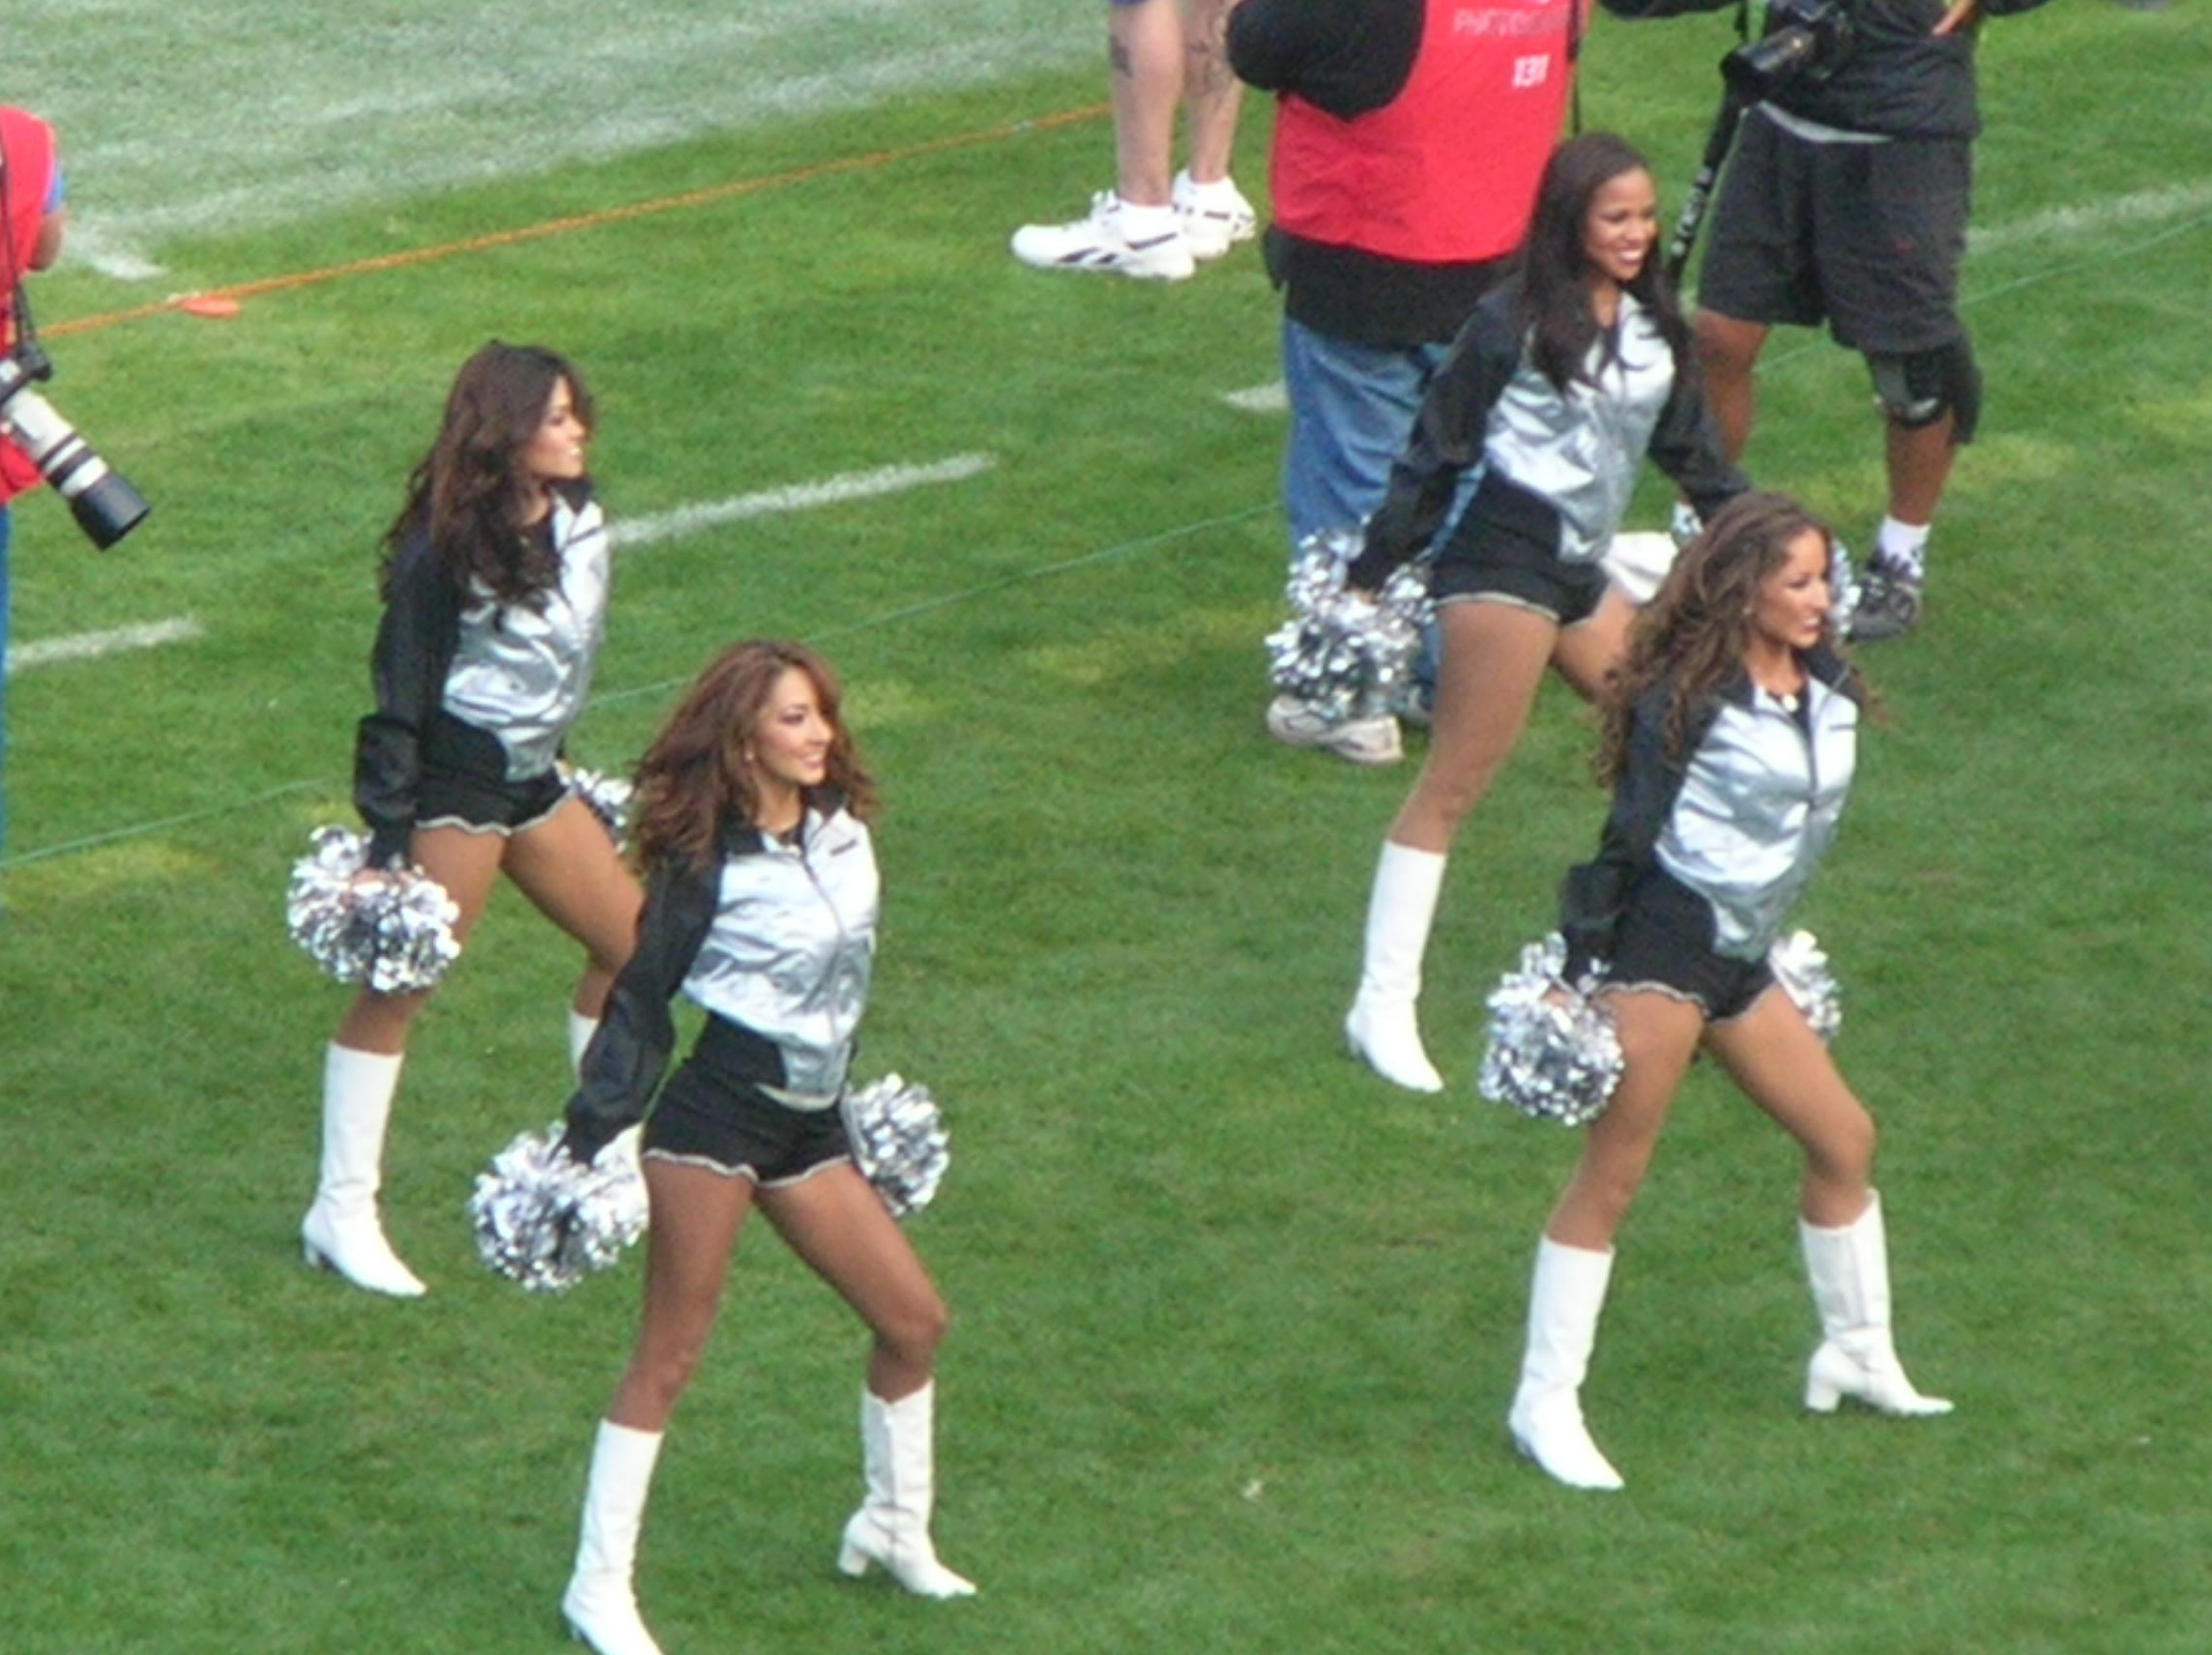 File:Oakland Raiderettes at Falcons at Raiders 11-2-08 03.JPG